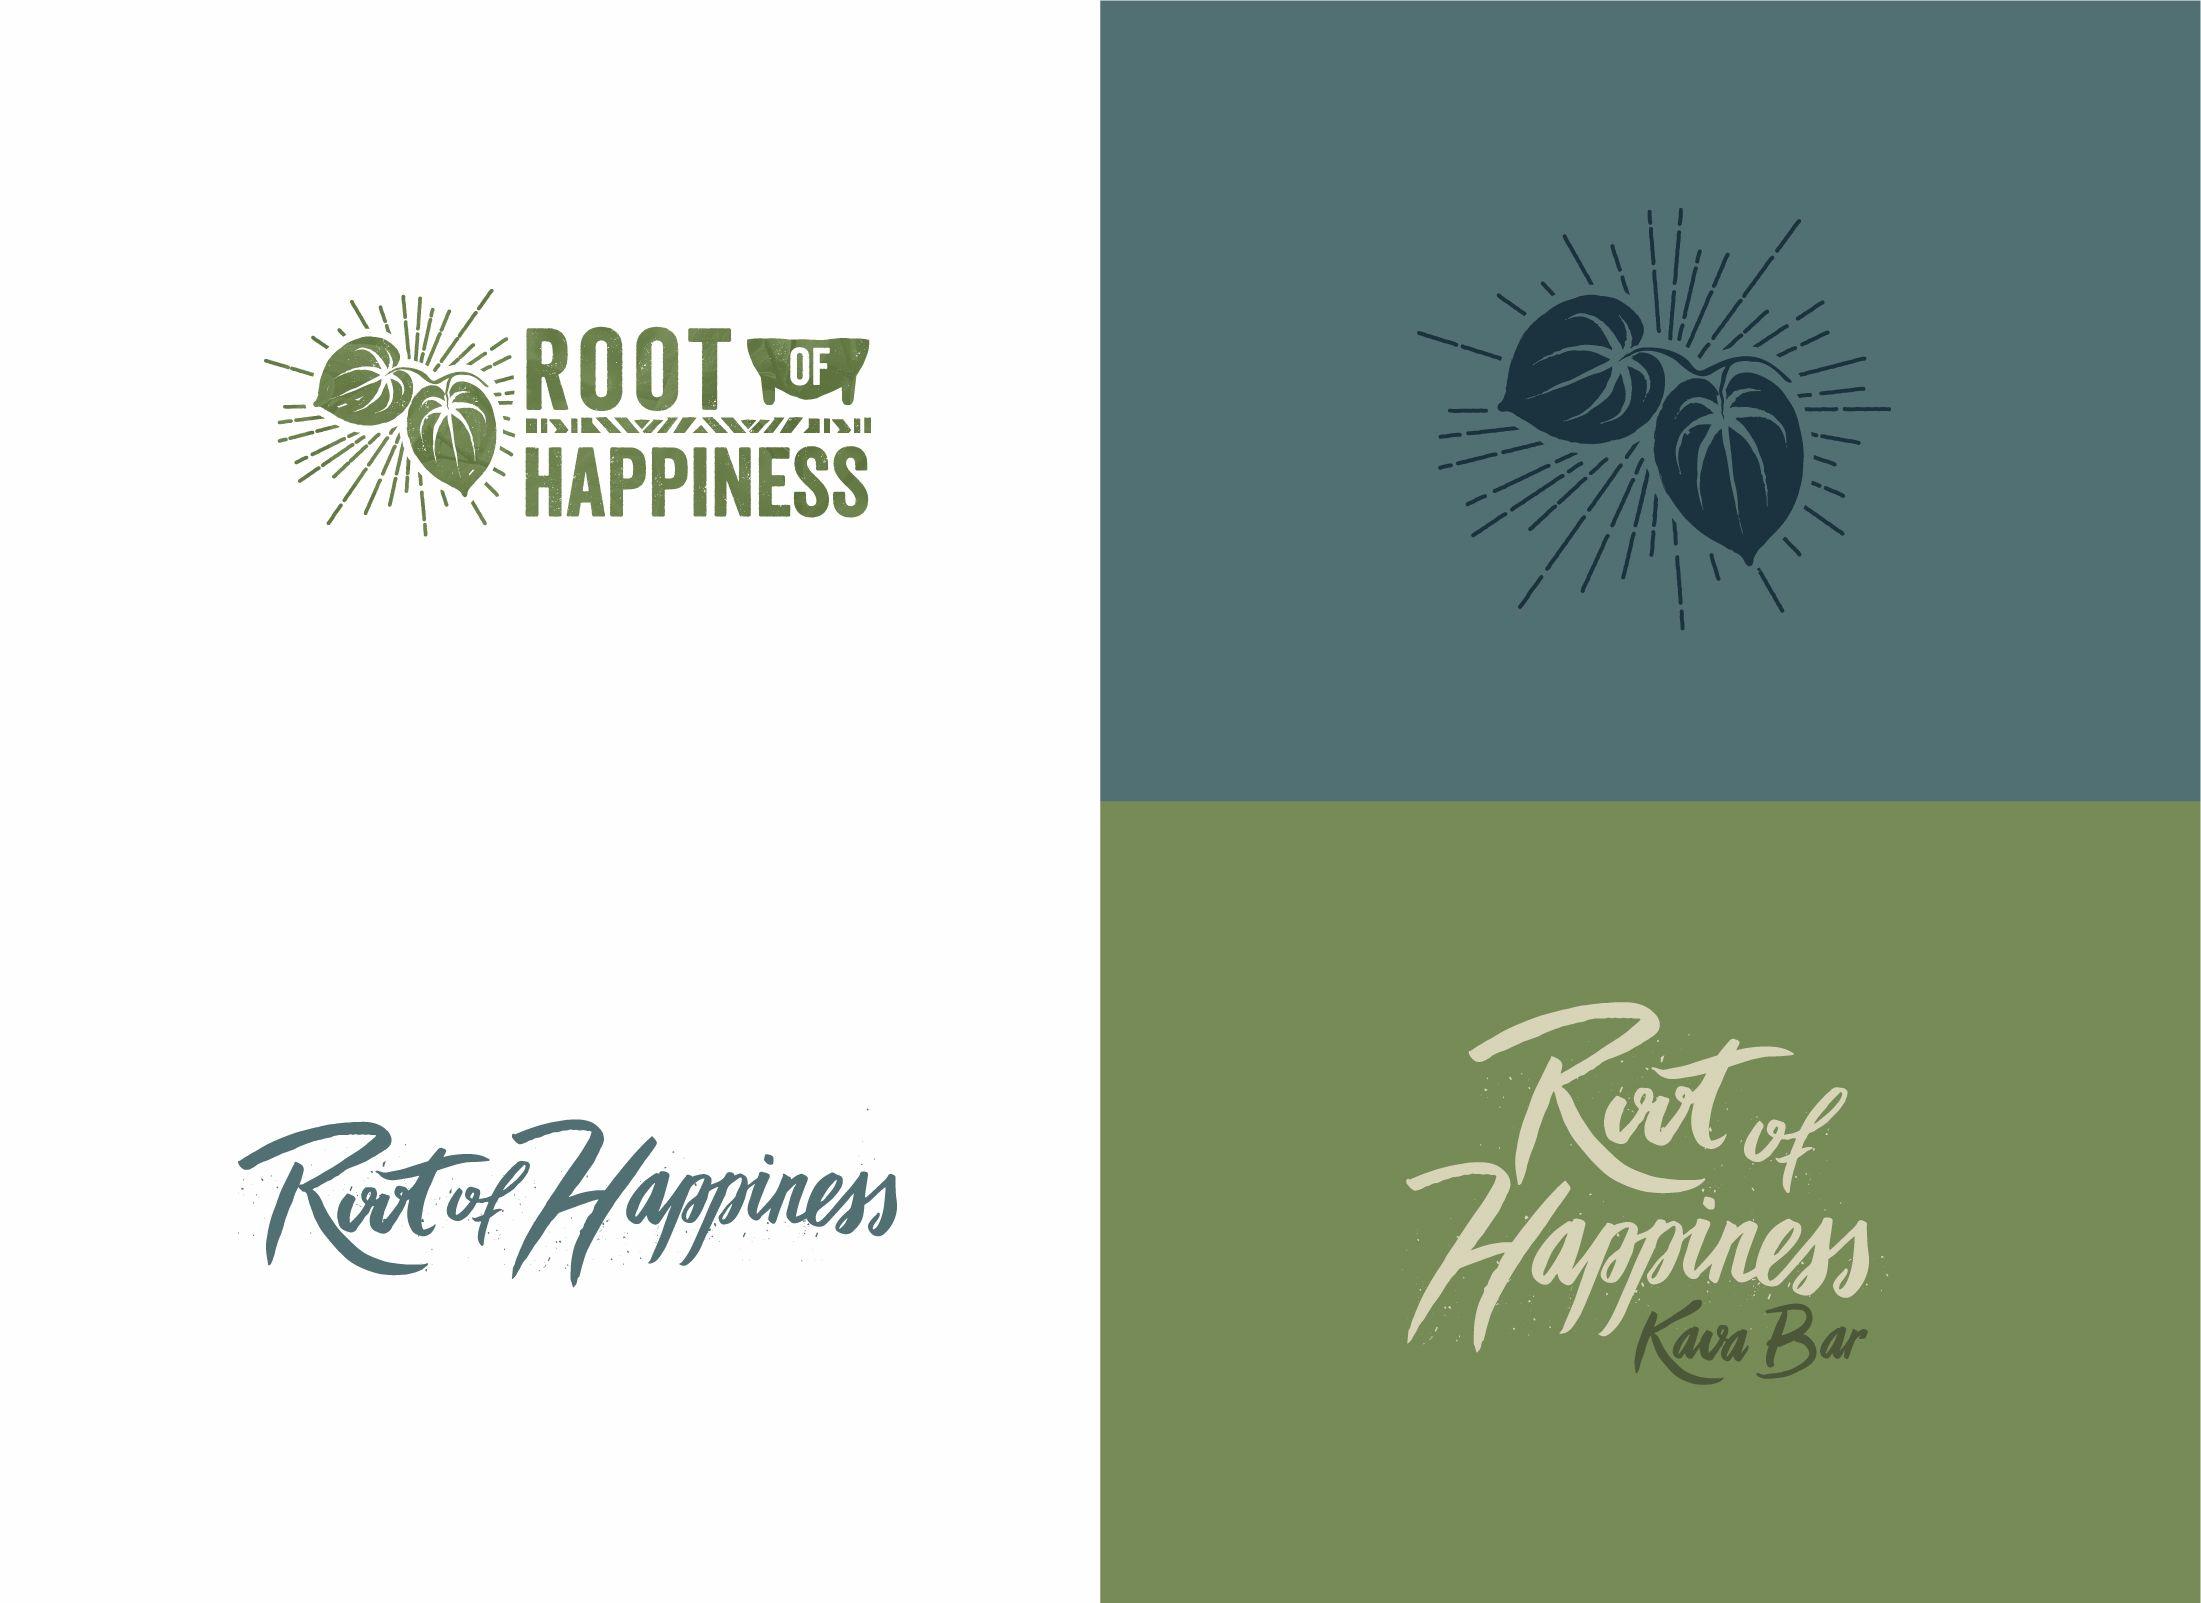 kava branding logo design